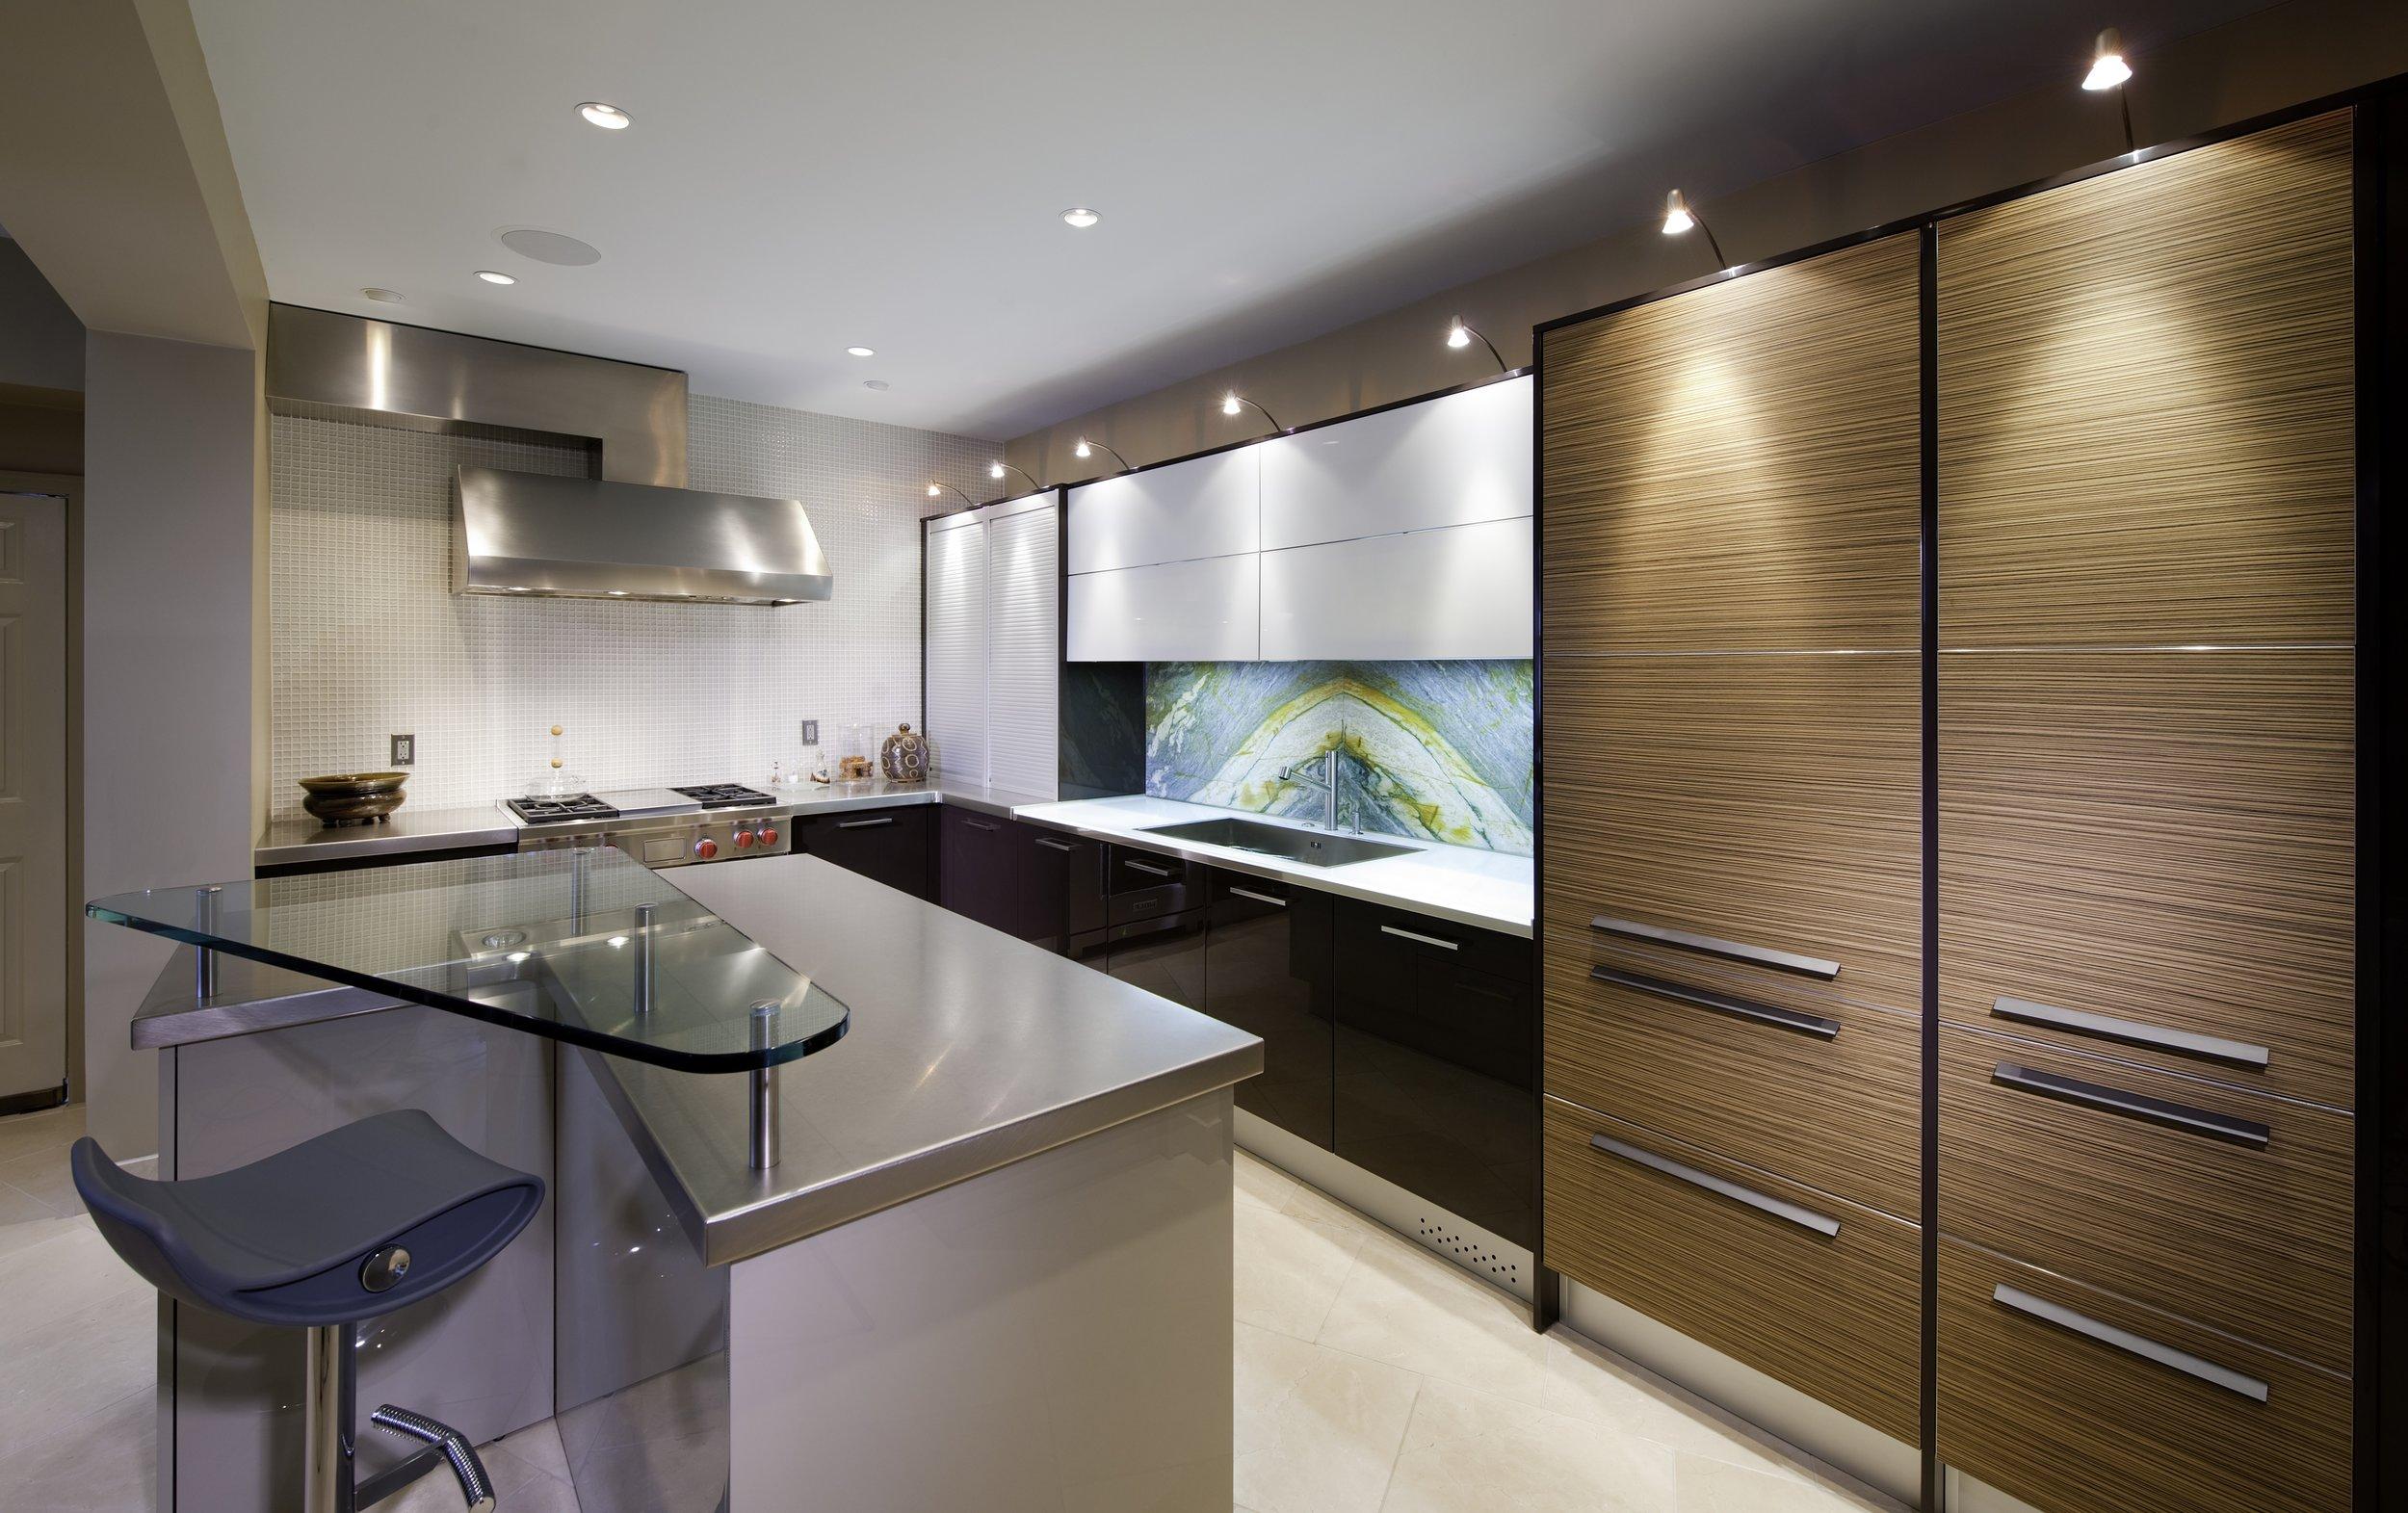 PED_kitchen_bath_concepts:Talerico_Kitchen_189.jpg